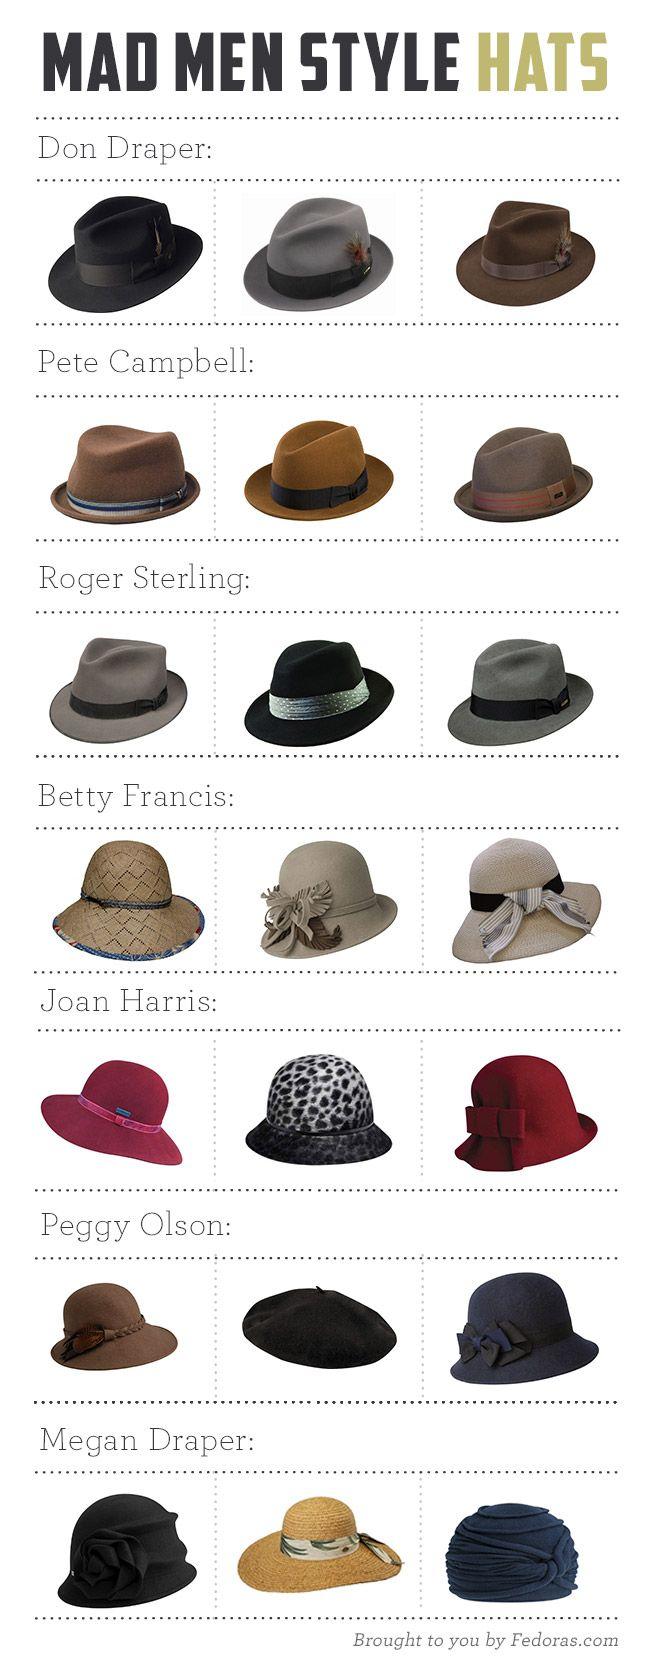 Mad Men Character Hats  15827dcc3335